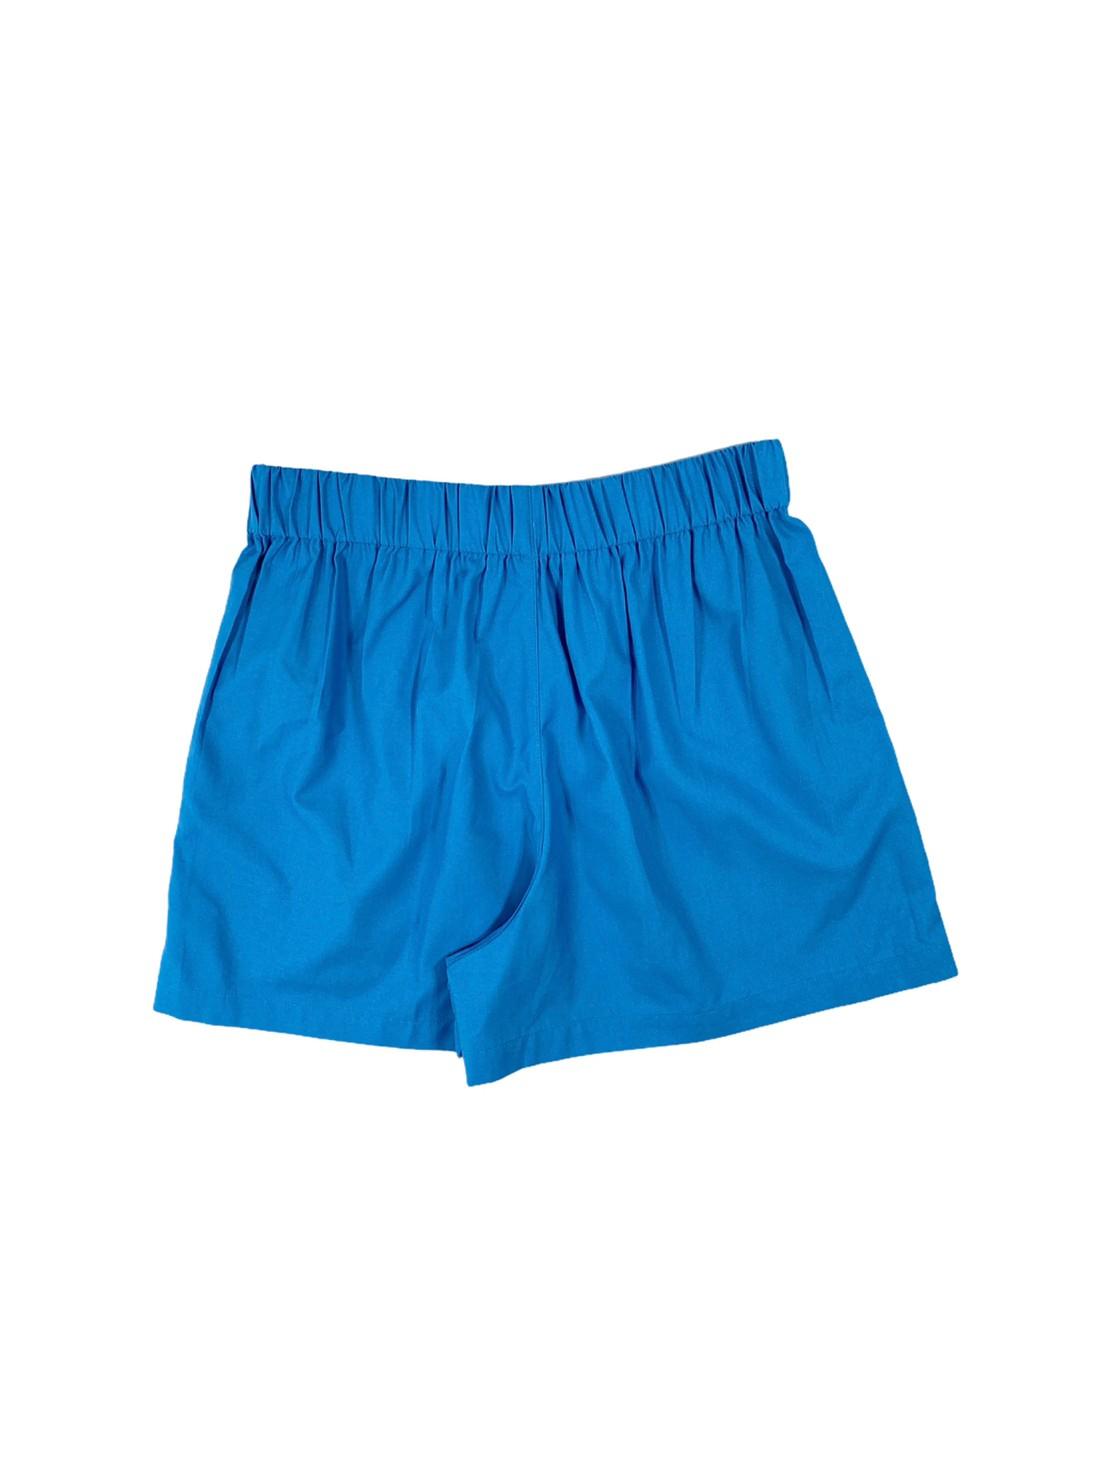 Sunrise Shorts (Ocean Blue)